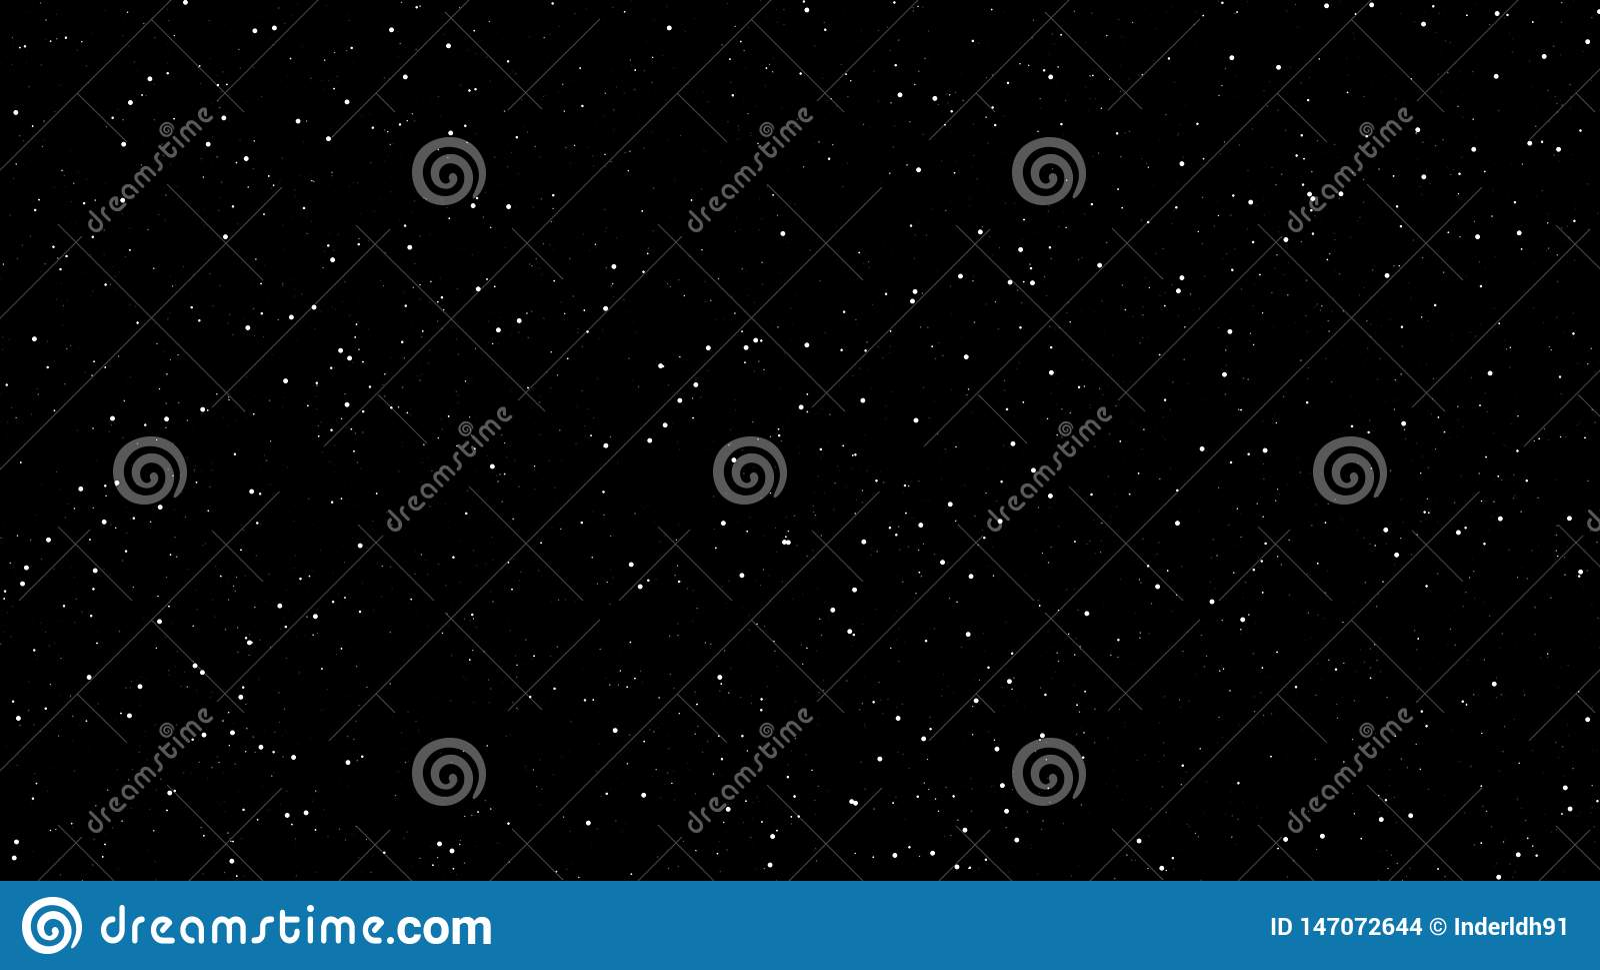 As cenas da noite, brilhando protagonizam na noite, fundo preto com estrelas brilhantes noite impressionante